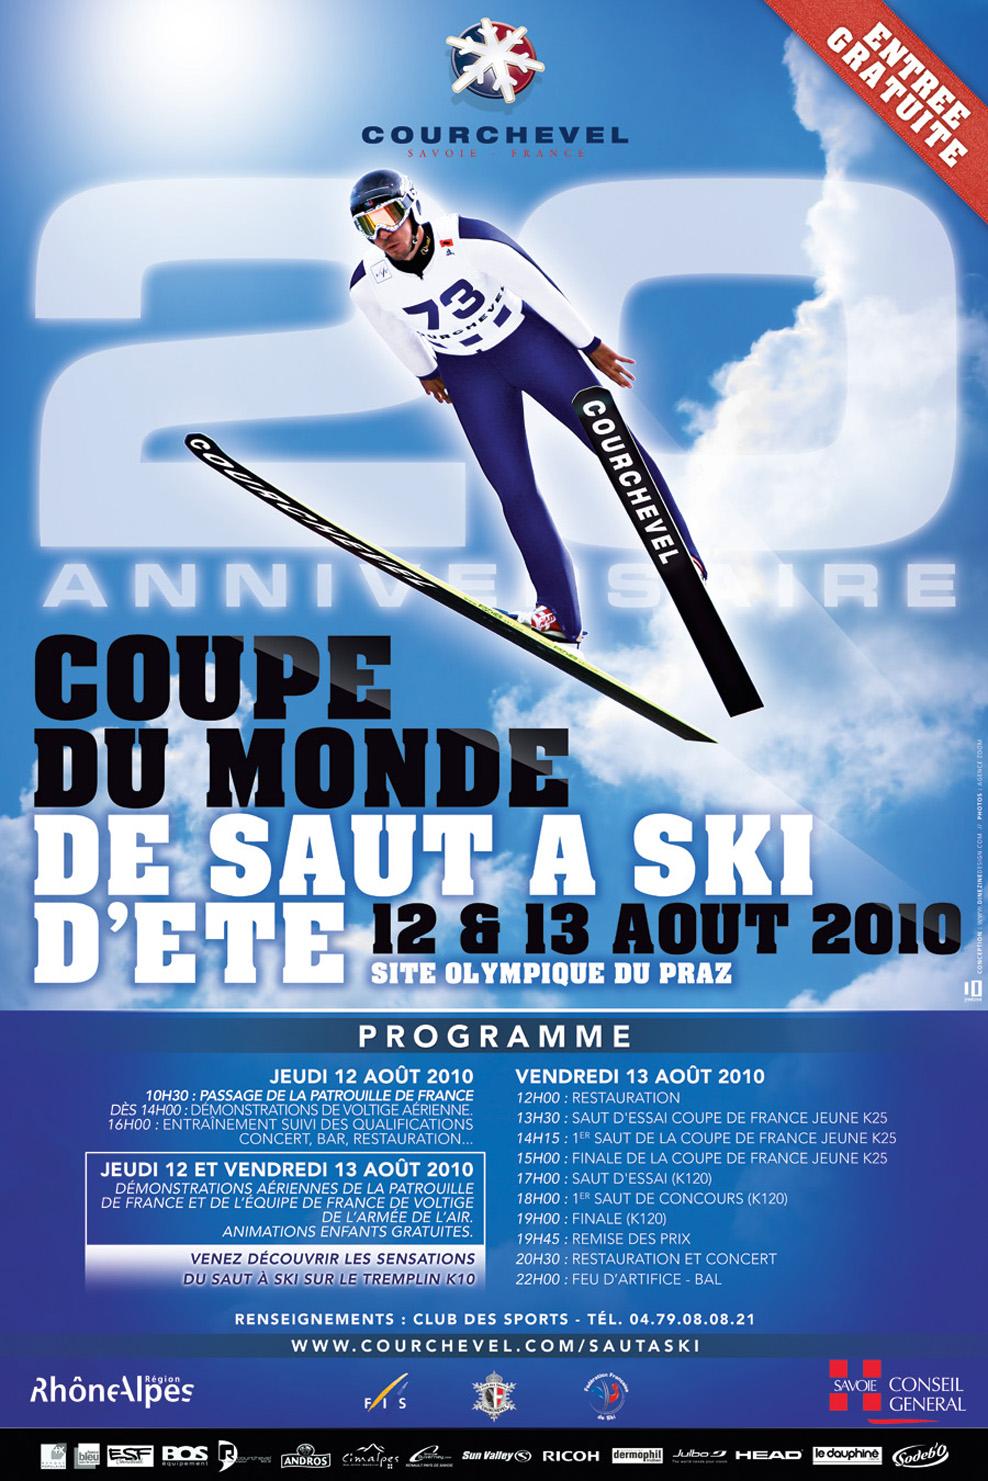 Le blog de fab saut skis coupe du monde de saut skis d 39 t courchevel 2010 13 08 2010 - Coupe du monde de ski courchevel ...